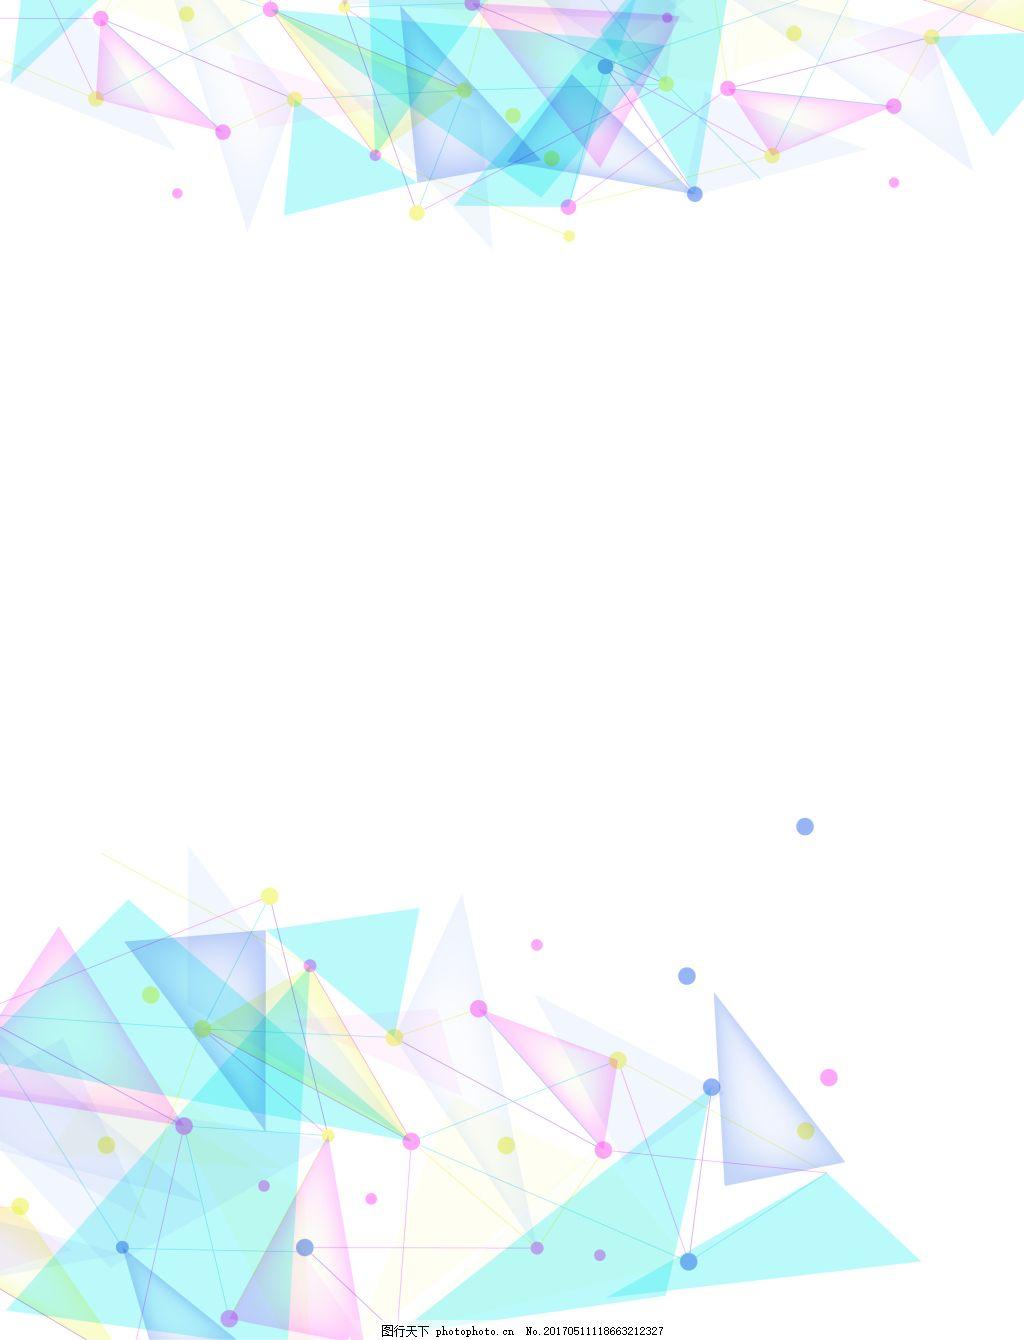 粉蓝色背景�_矢量小清新几何炫彩碎片背景 小清新粉蓝色几何炫彩 三角形 白色